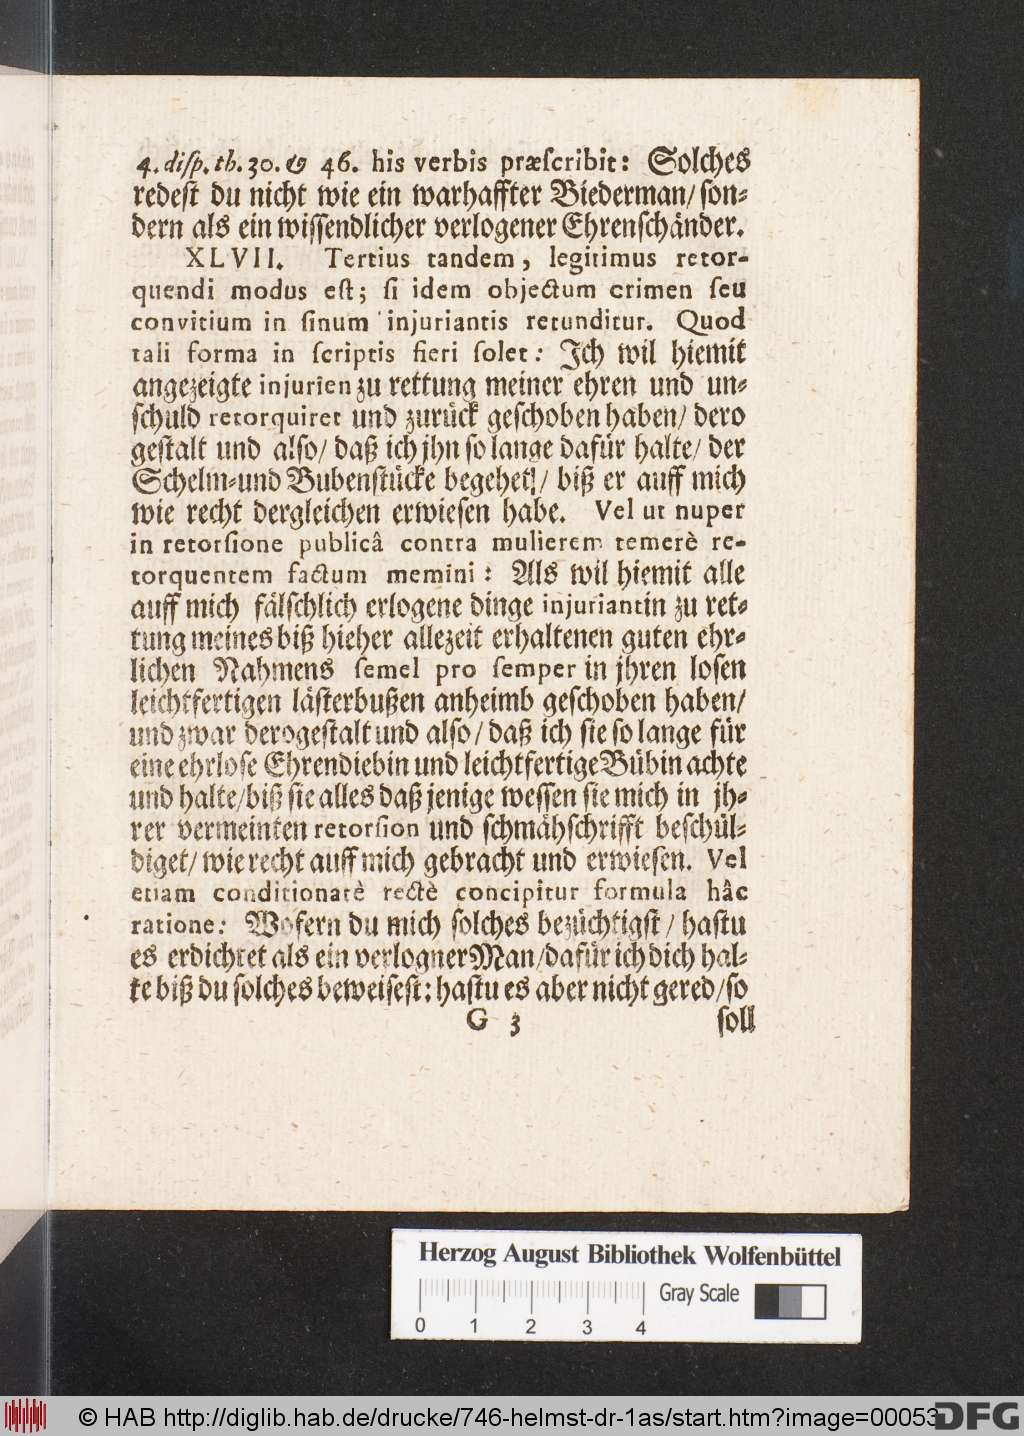 http://diglib.hab.de/drucke/746-helmst-dr-1as/00053.jpg